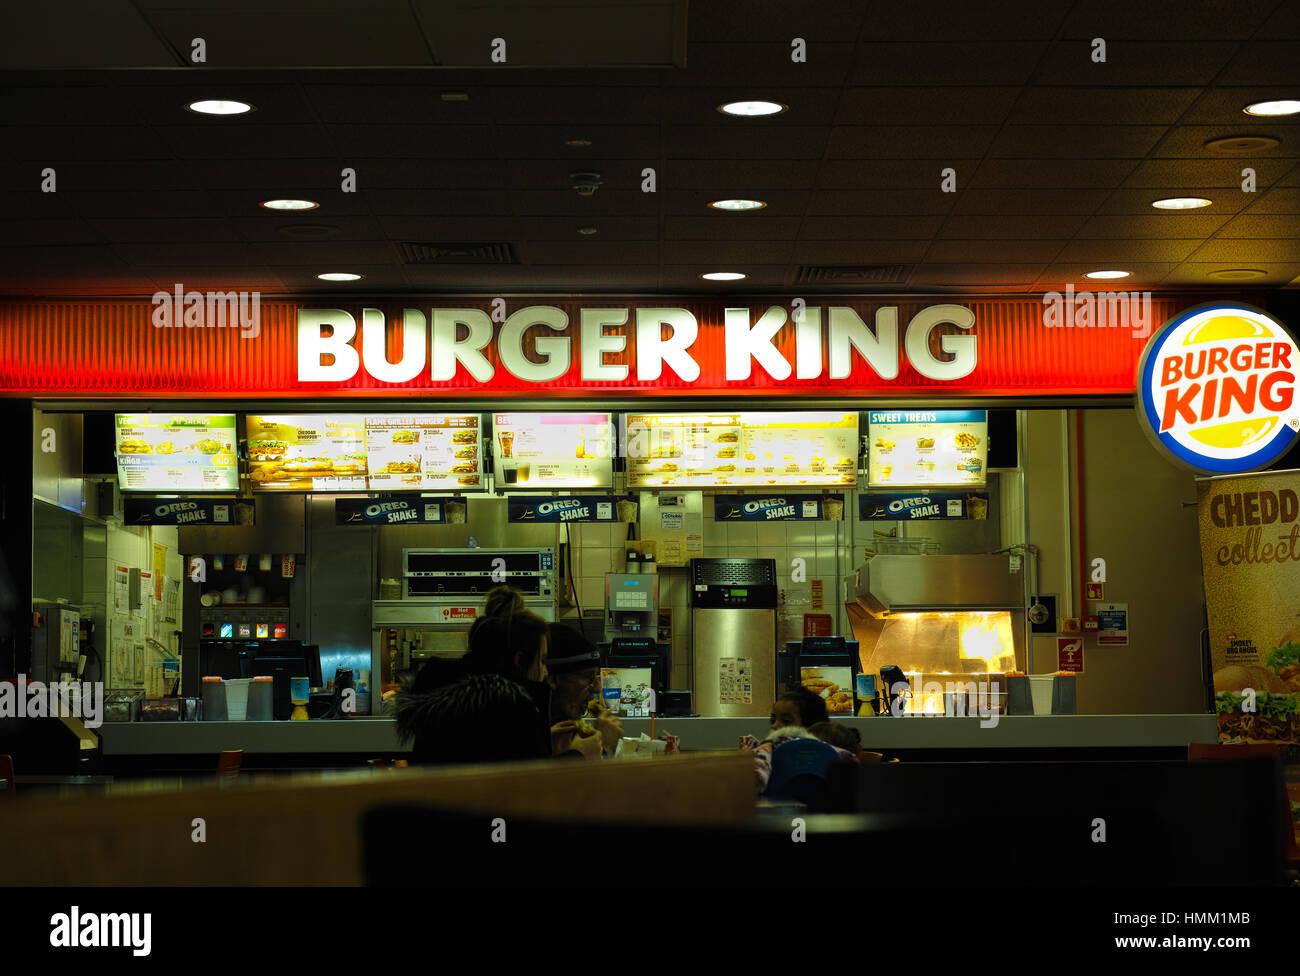 Burger King - Stock Image